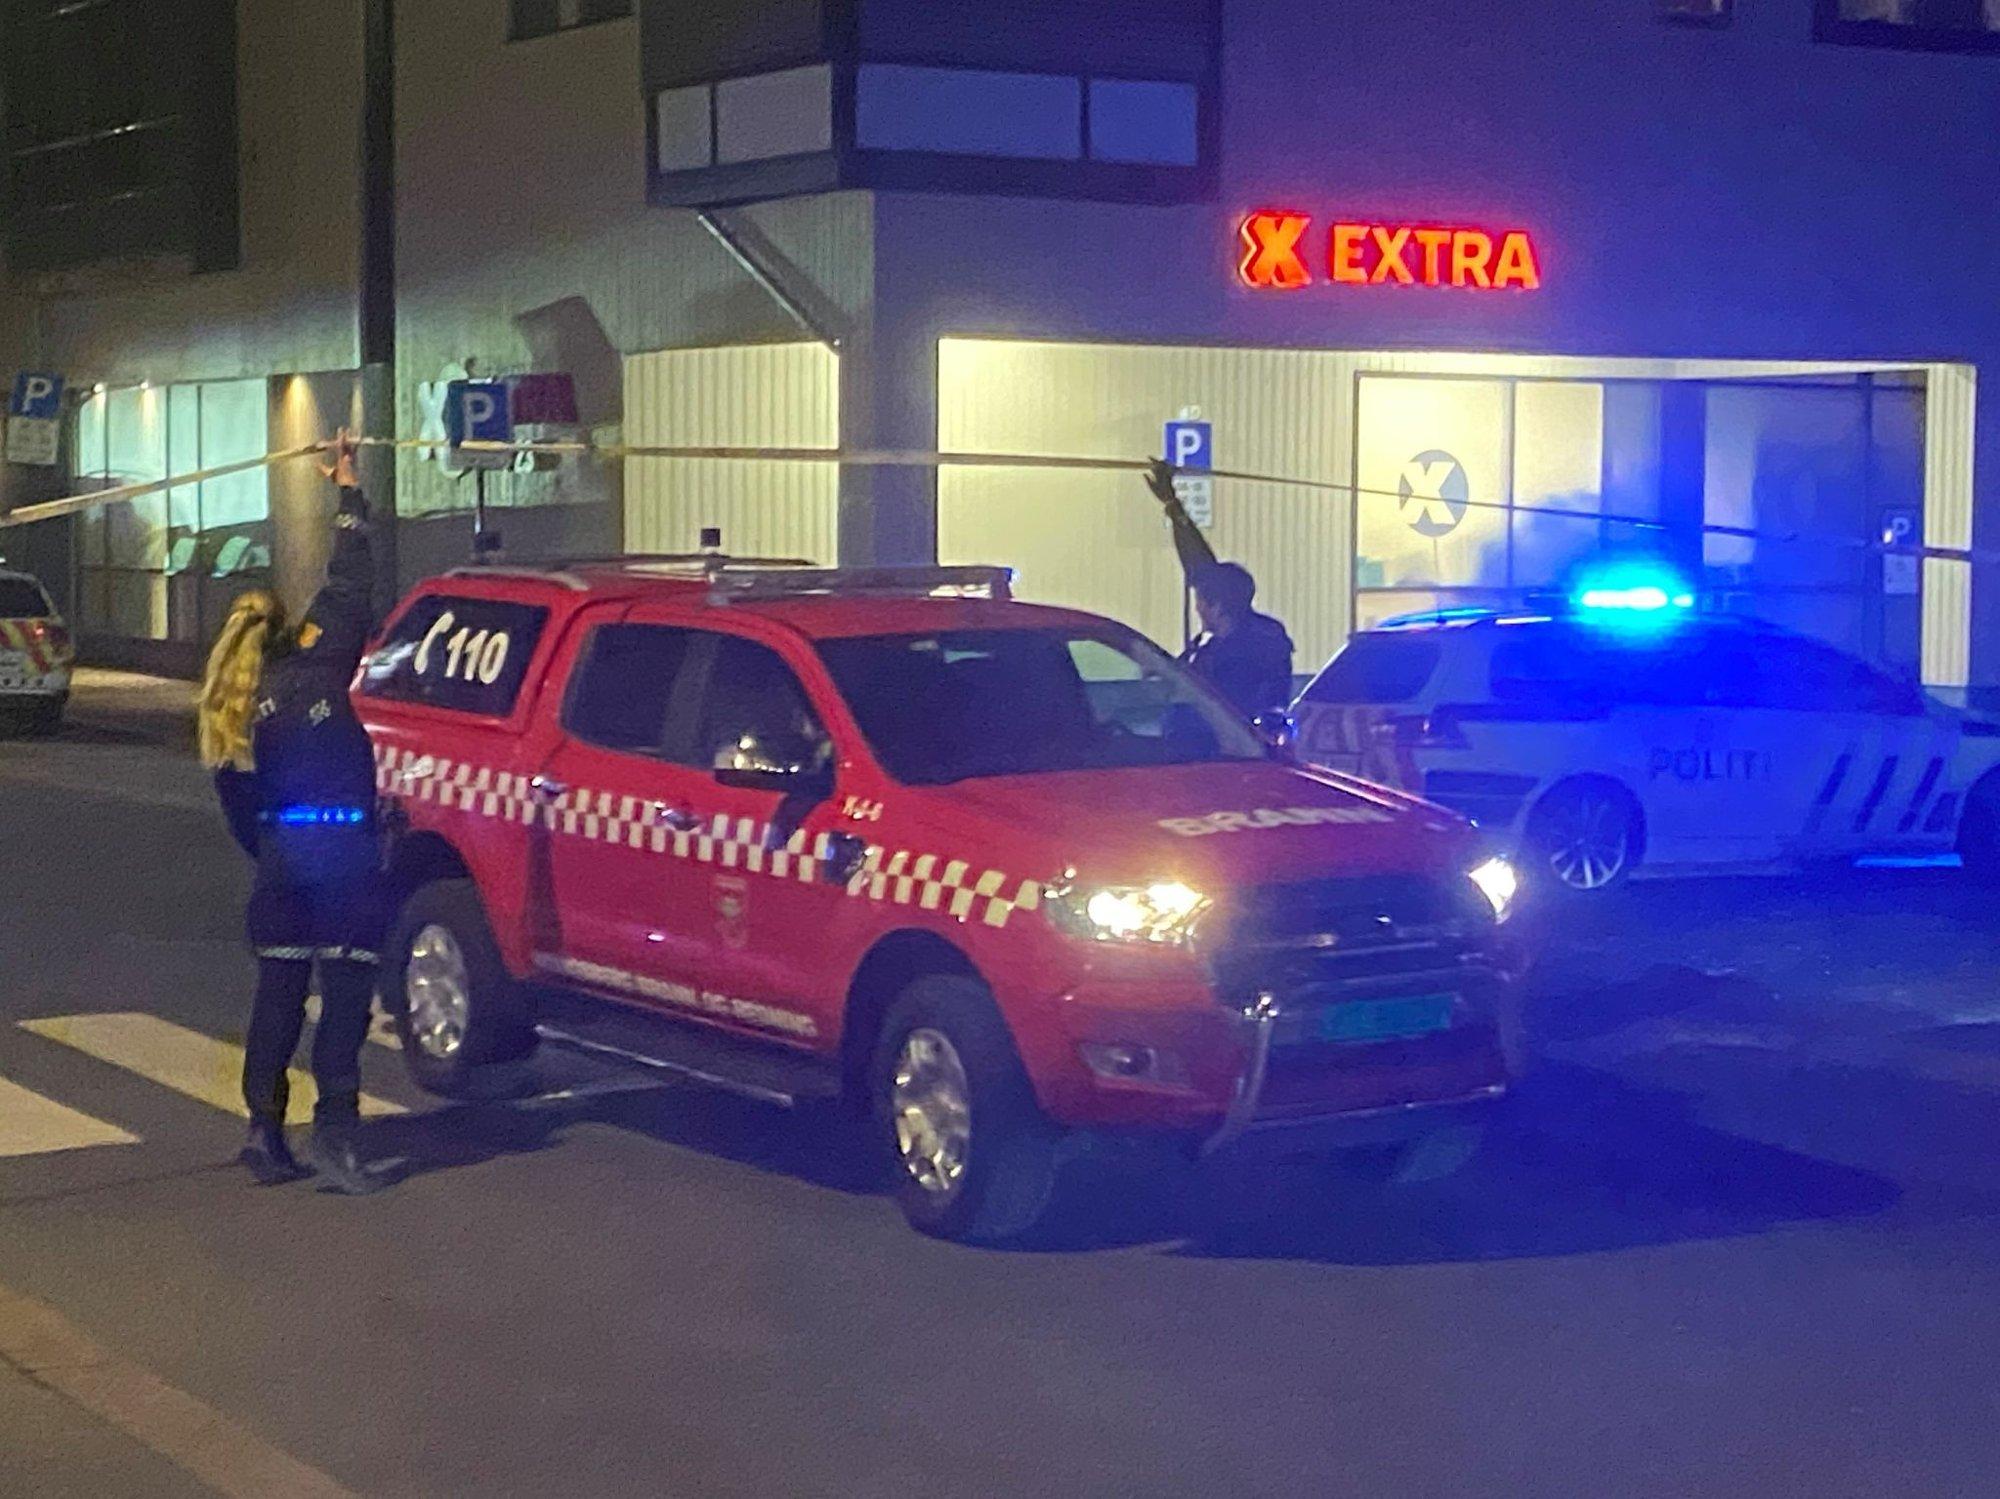 Νορβηγία: Νεκροί και τραυματίες σε επιθέσεις με τόξα και βέλη